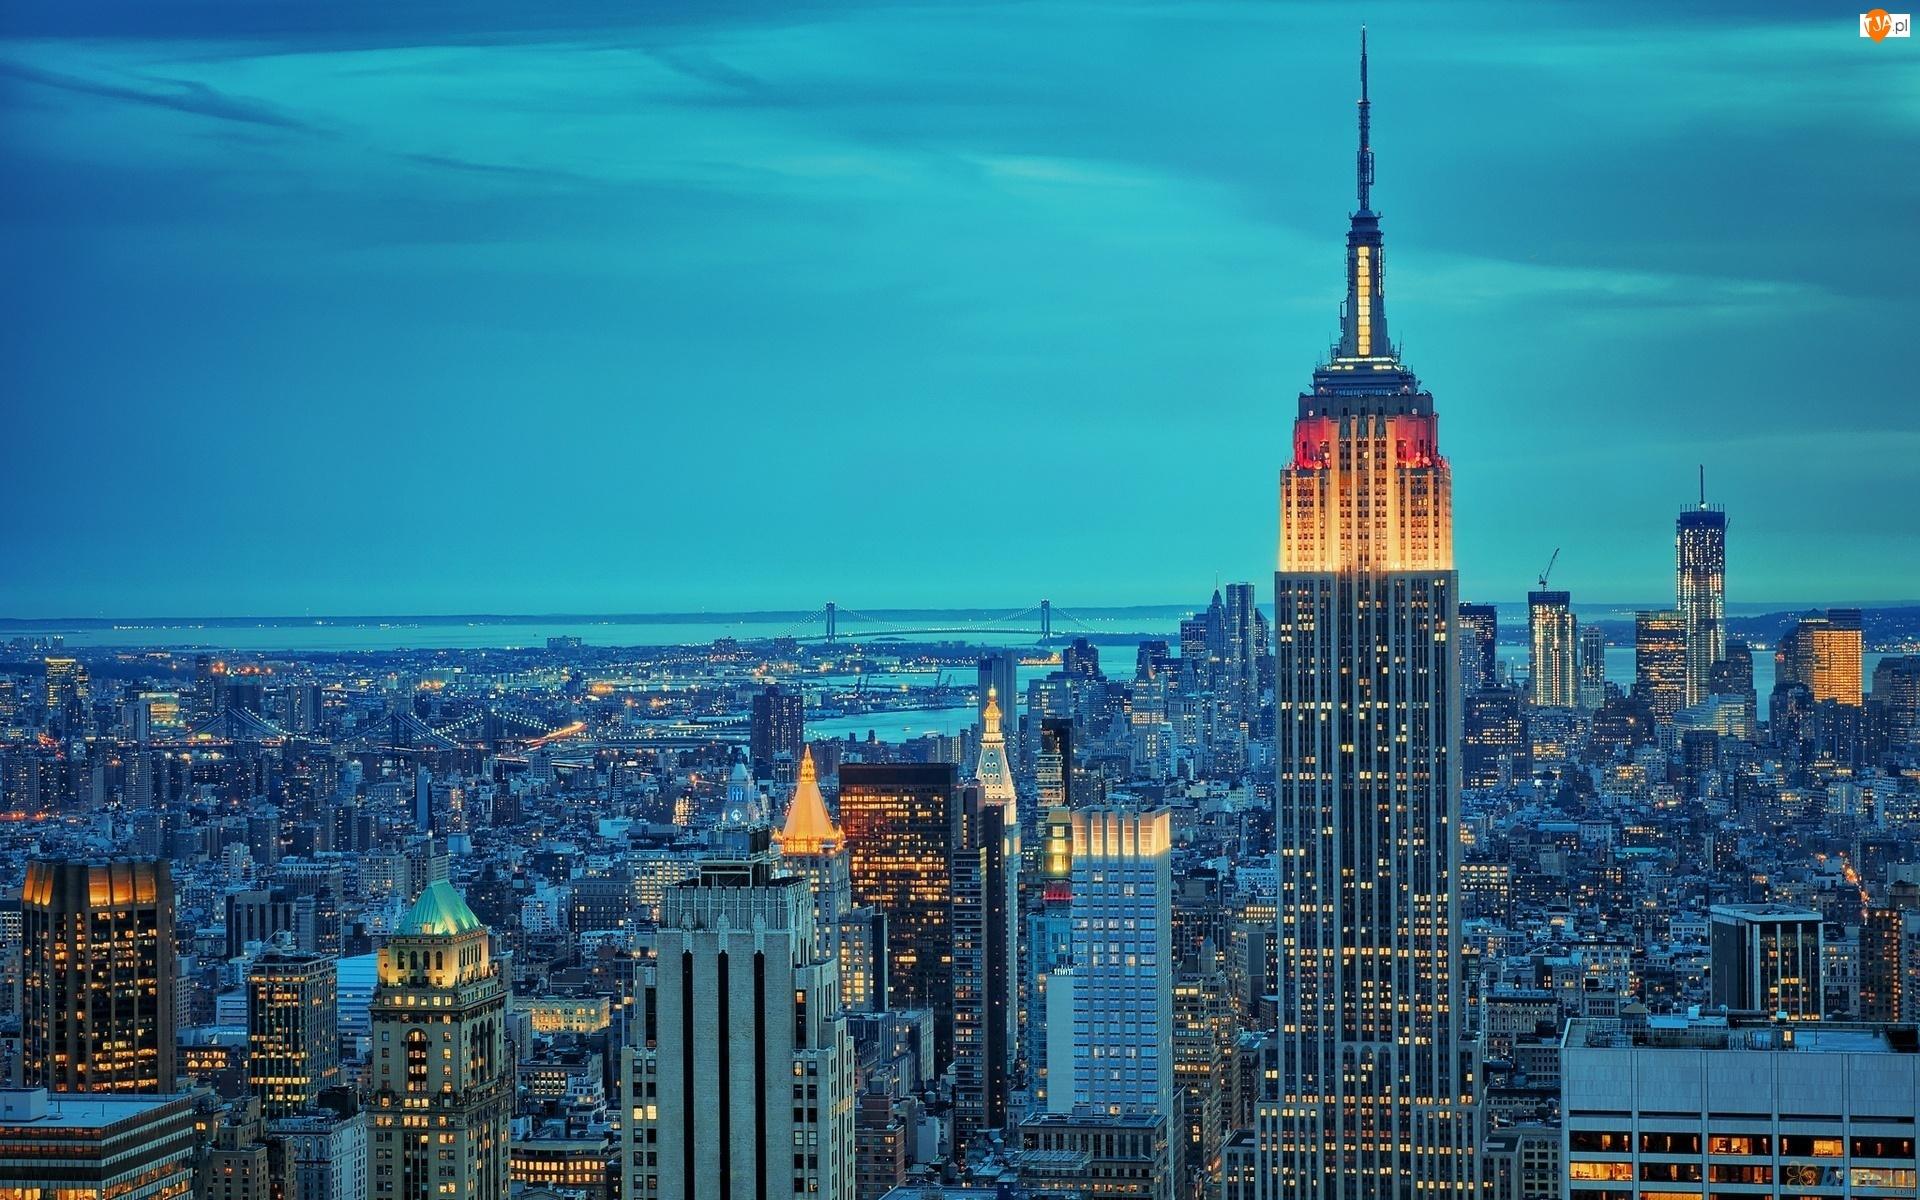 Empire State Building, Stany Zjednoczone, Drapacze Chmur, Nowy Jork